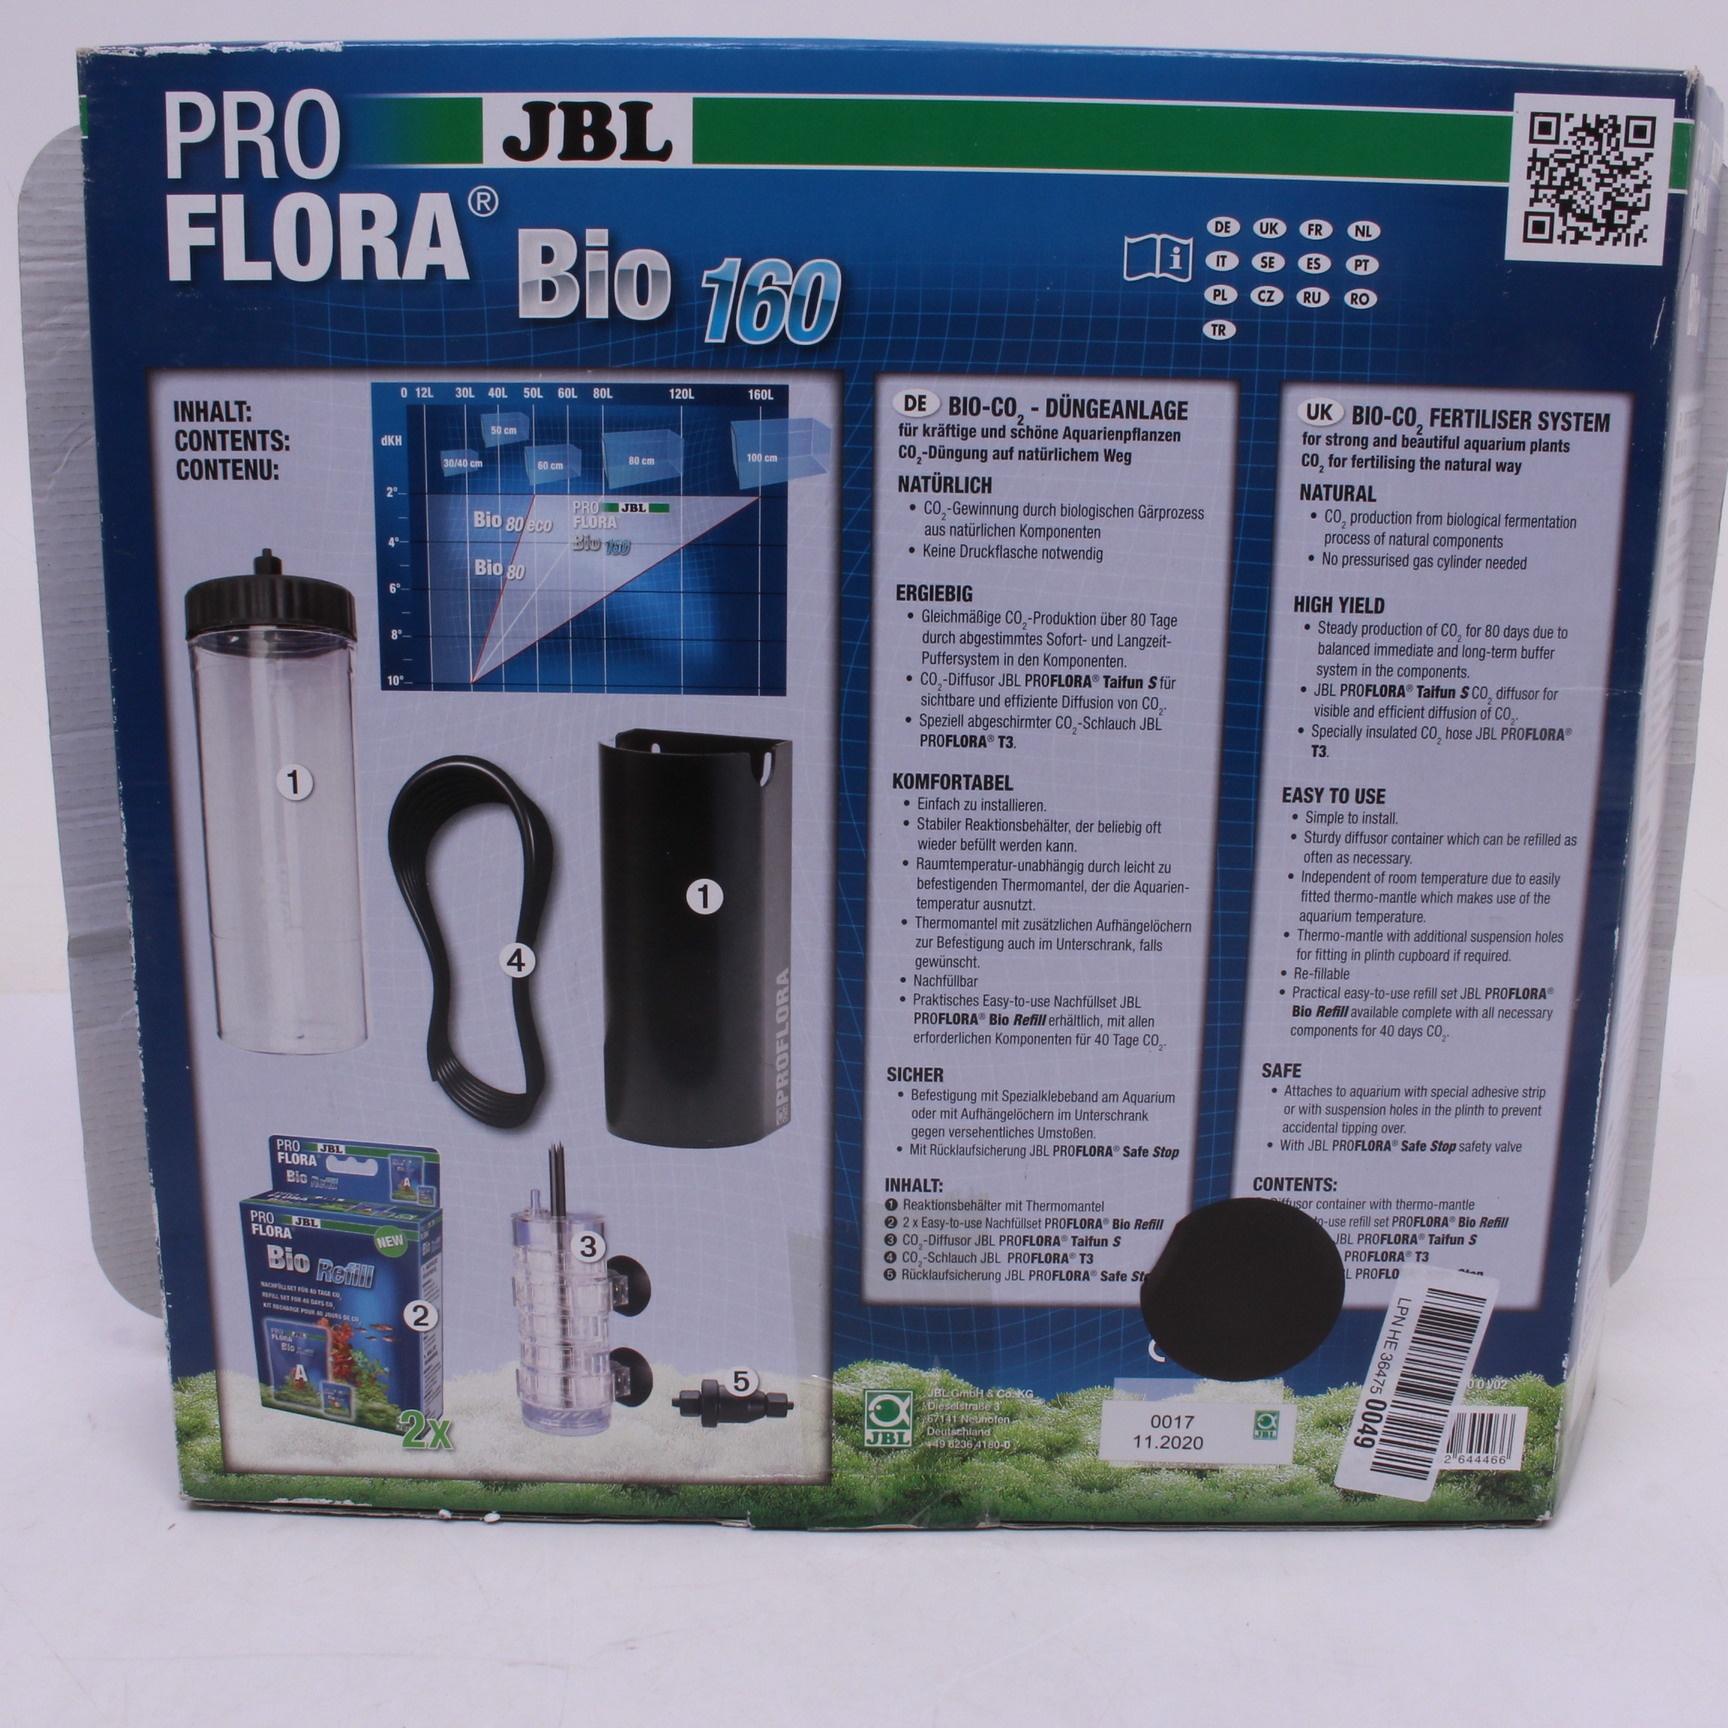 Hnojící zařízení JBL PROFLORA BIO 160